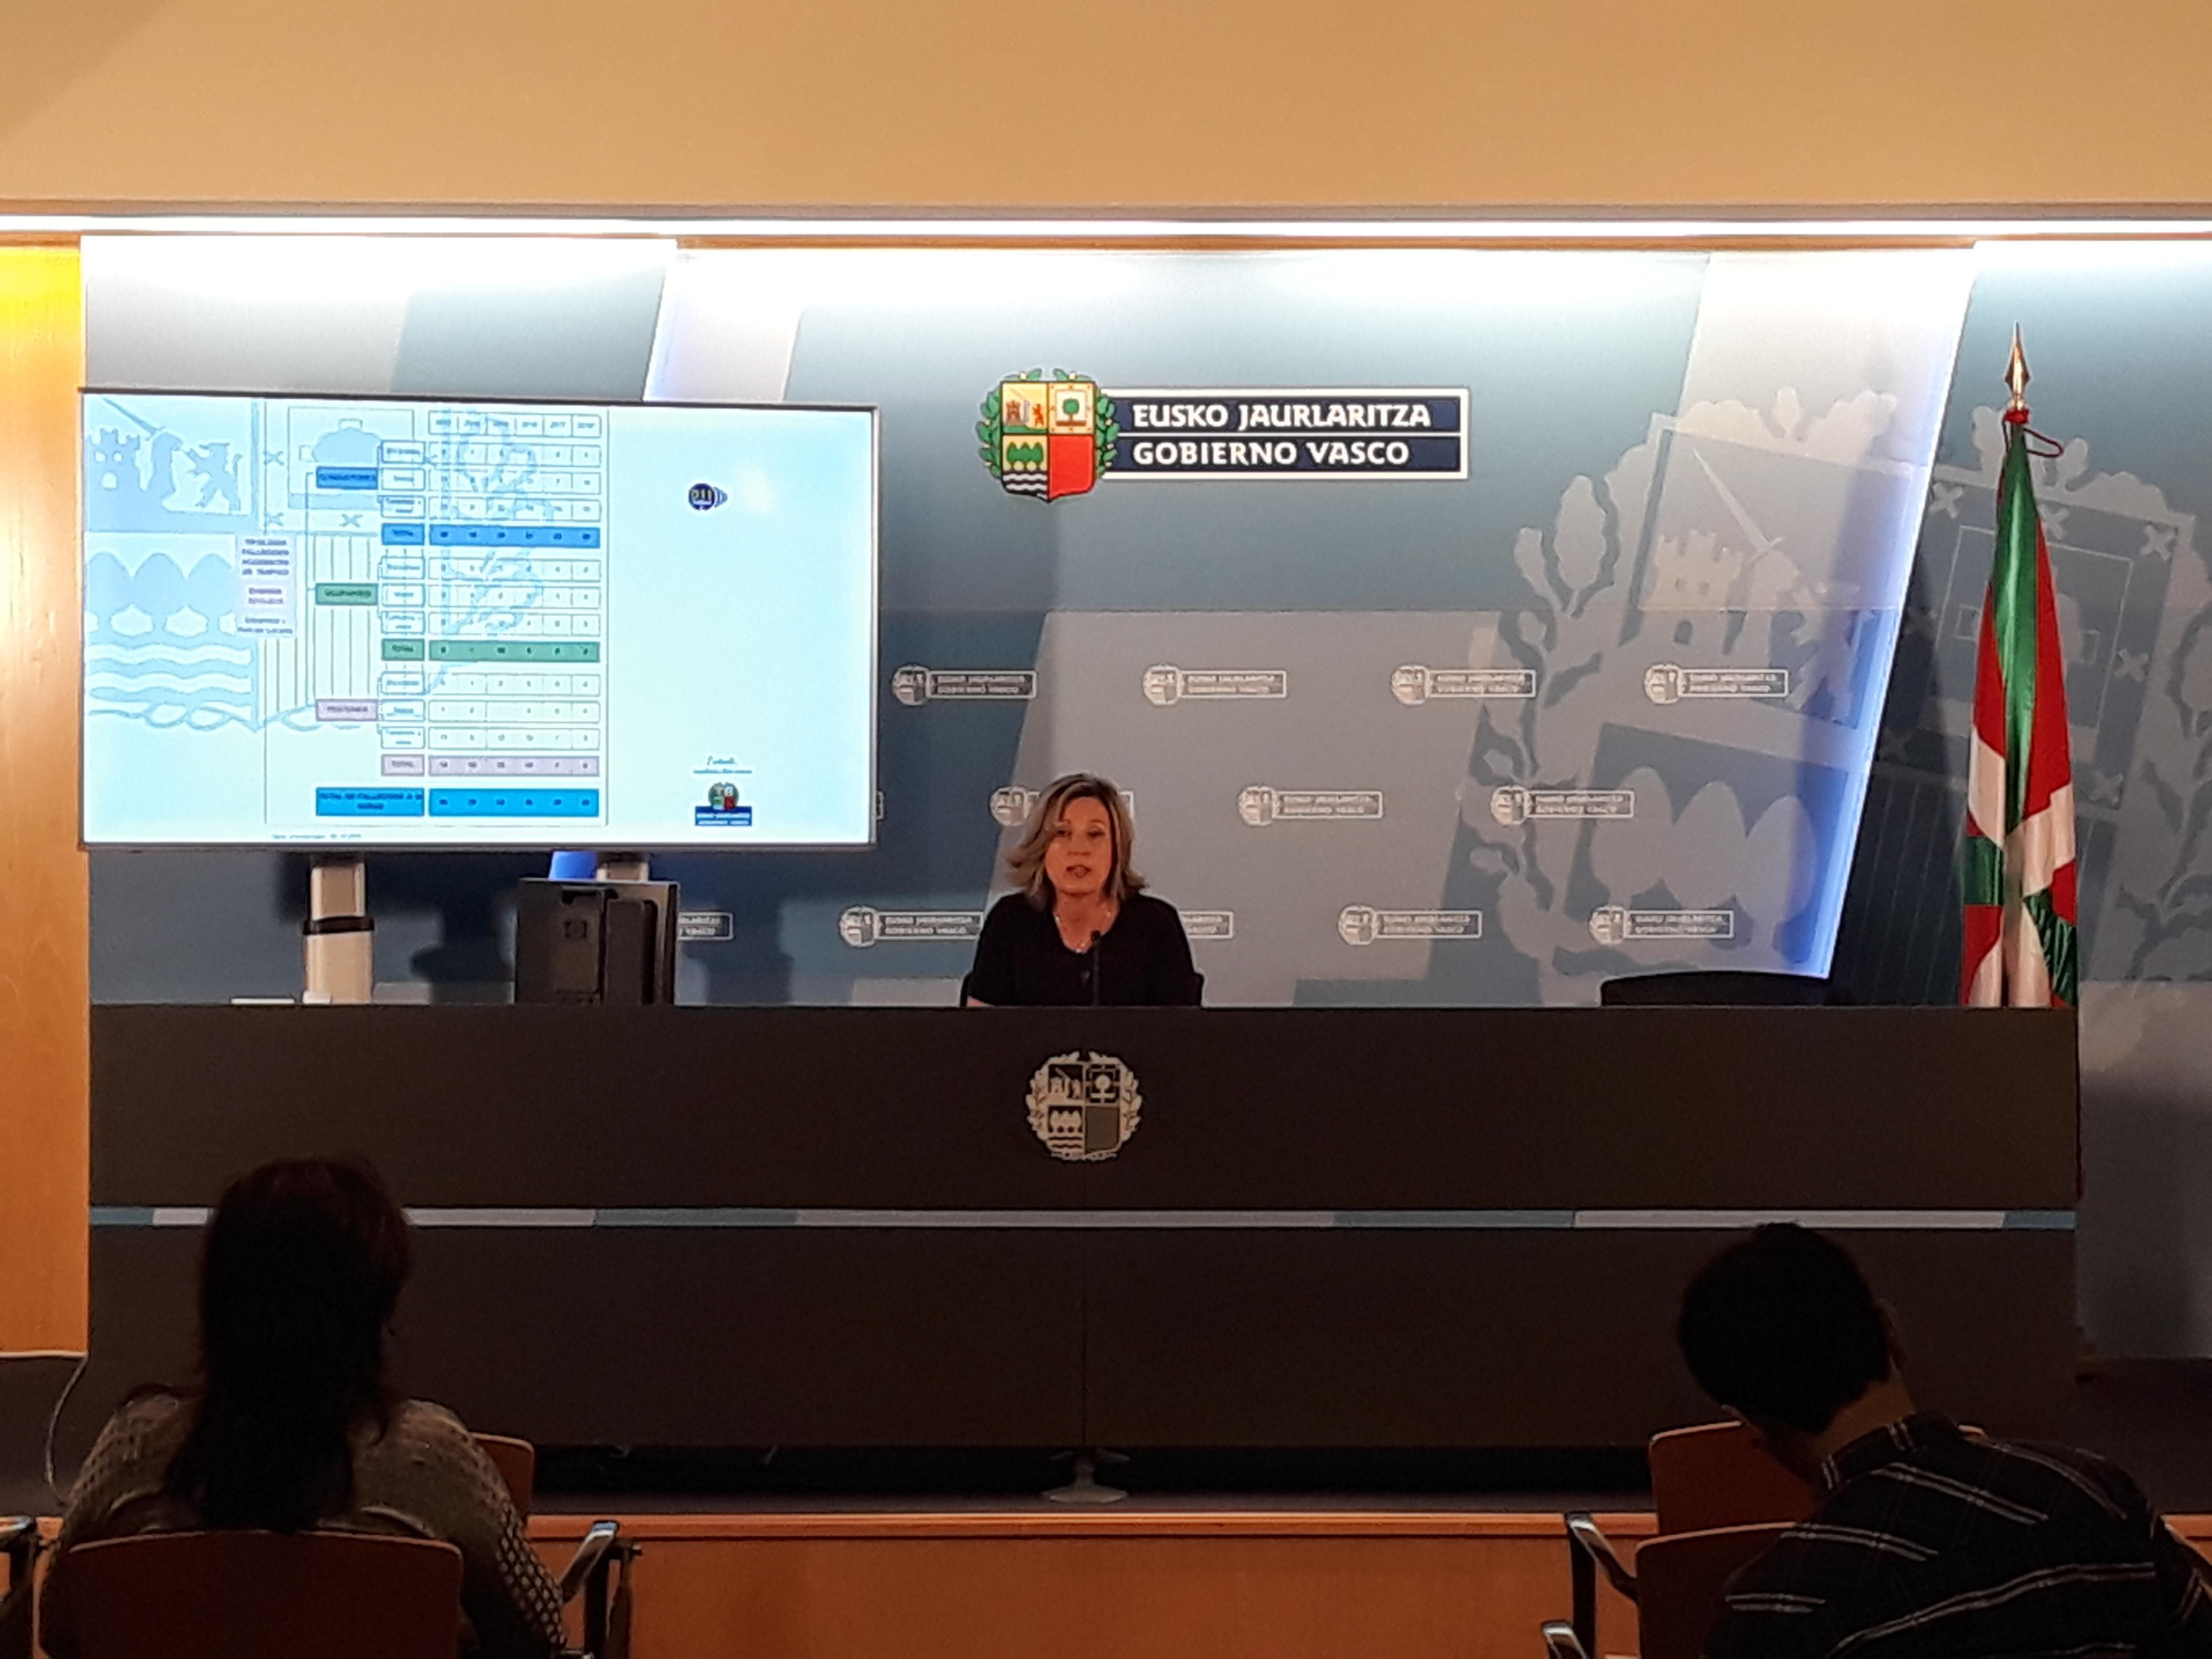 Euskal Autonomia Erkidegoko trafiko-istripuetan hildako 42 pertsonatatik %55 kolektibo ahulenetako pertsonak ziren